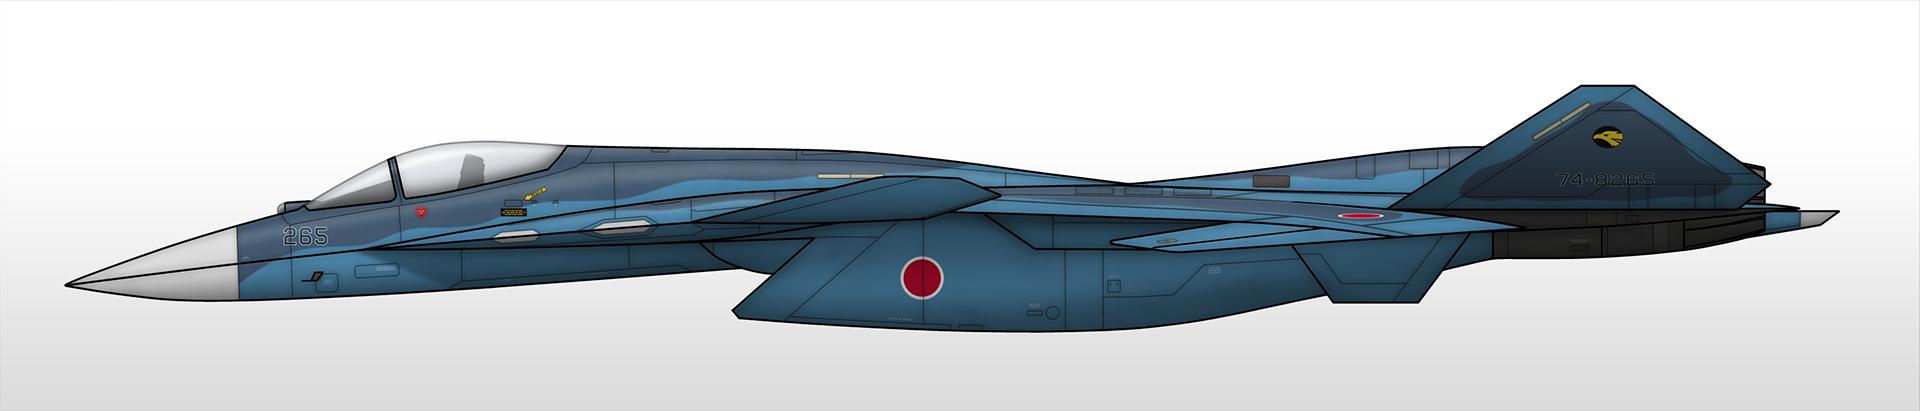 X-02J - Japan Air Self Defense Force